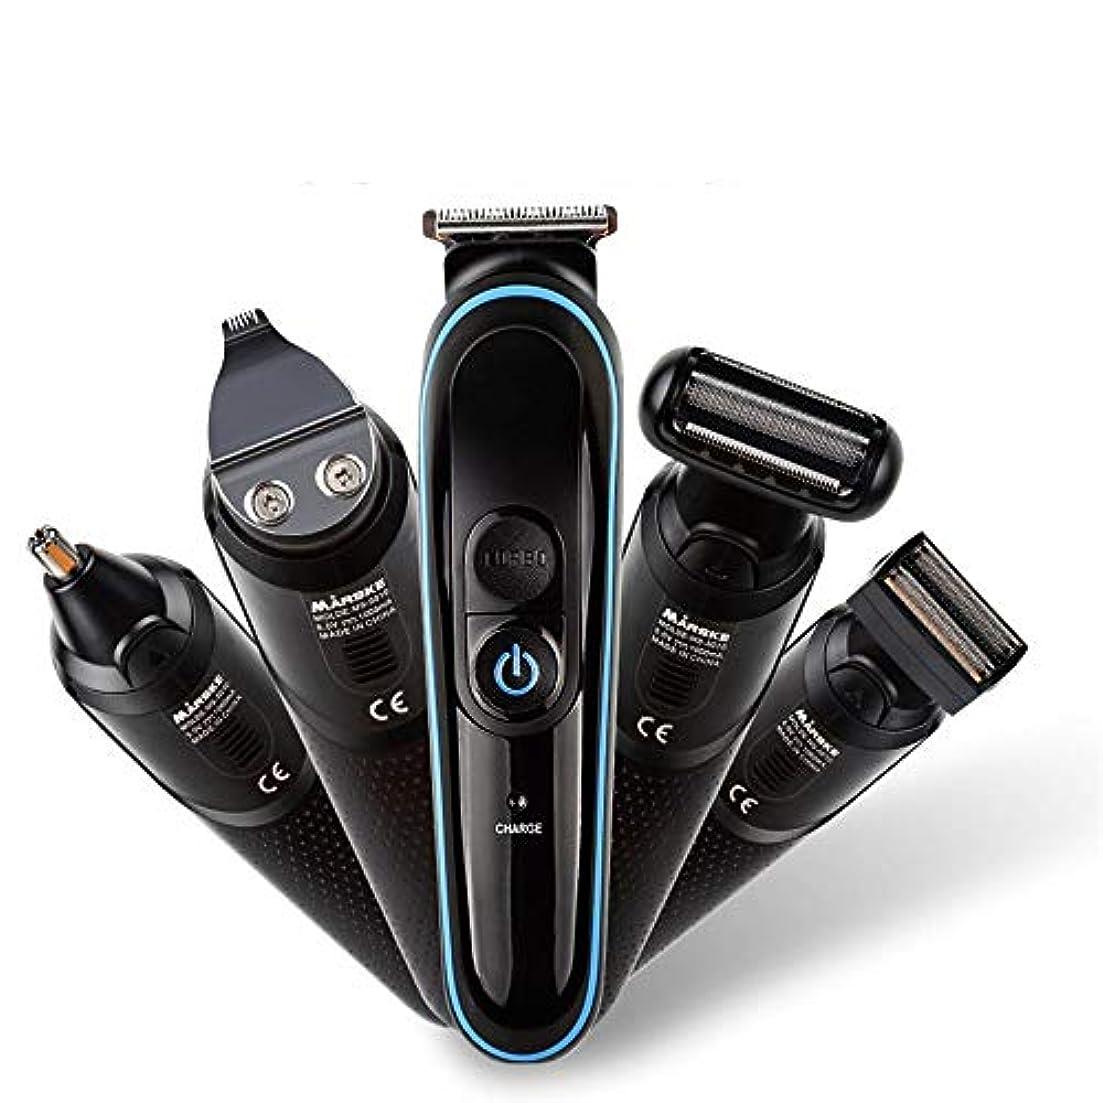 検体スリチンモイペンダント多機能スーツ鼻毛シェービングレタリング充電式バリカン (Color : Purple, Size : USB)